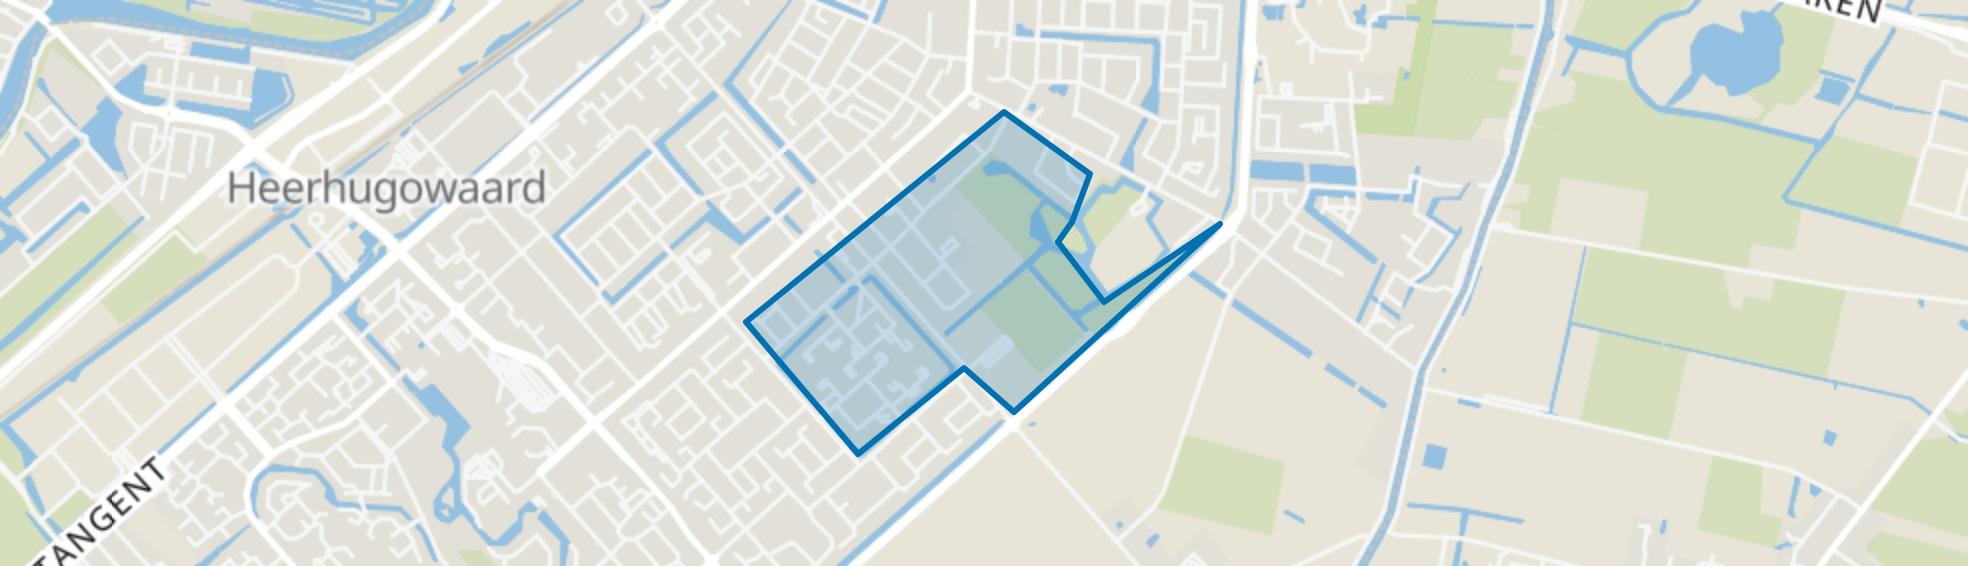 Recreatiebuurt, Heerhugowaard map